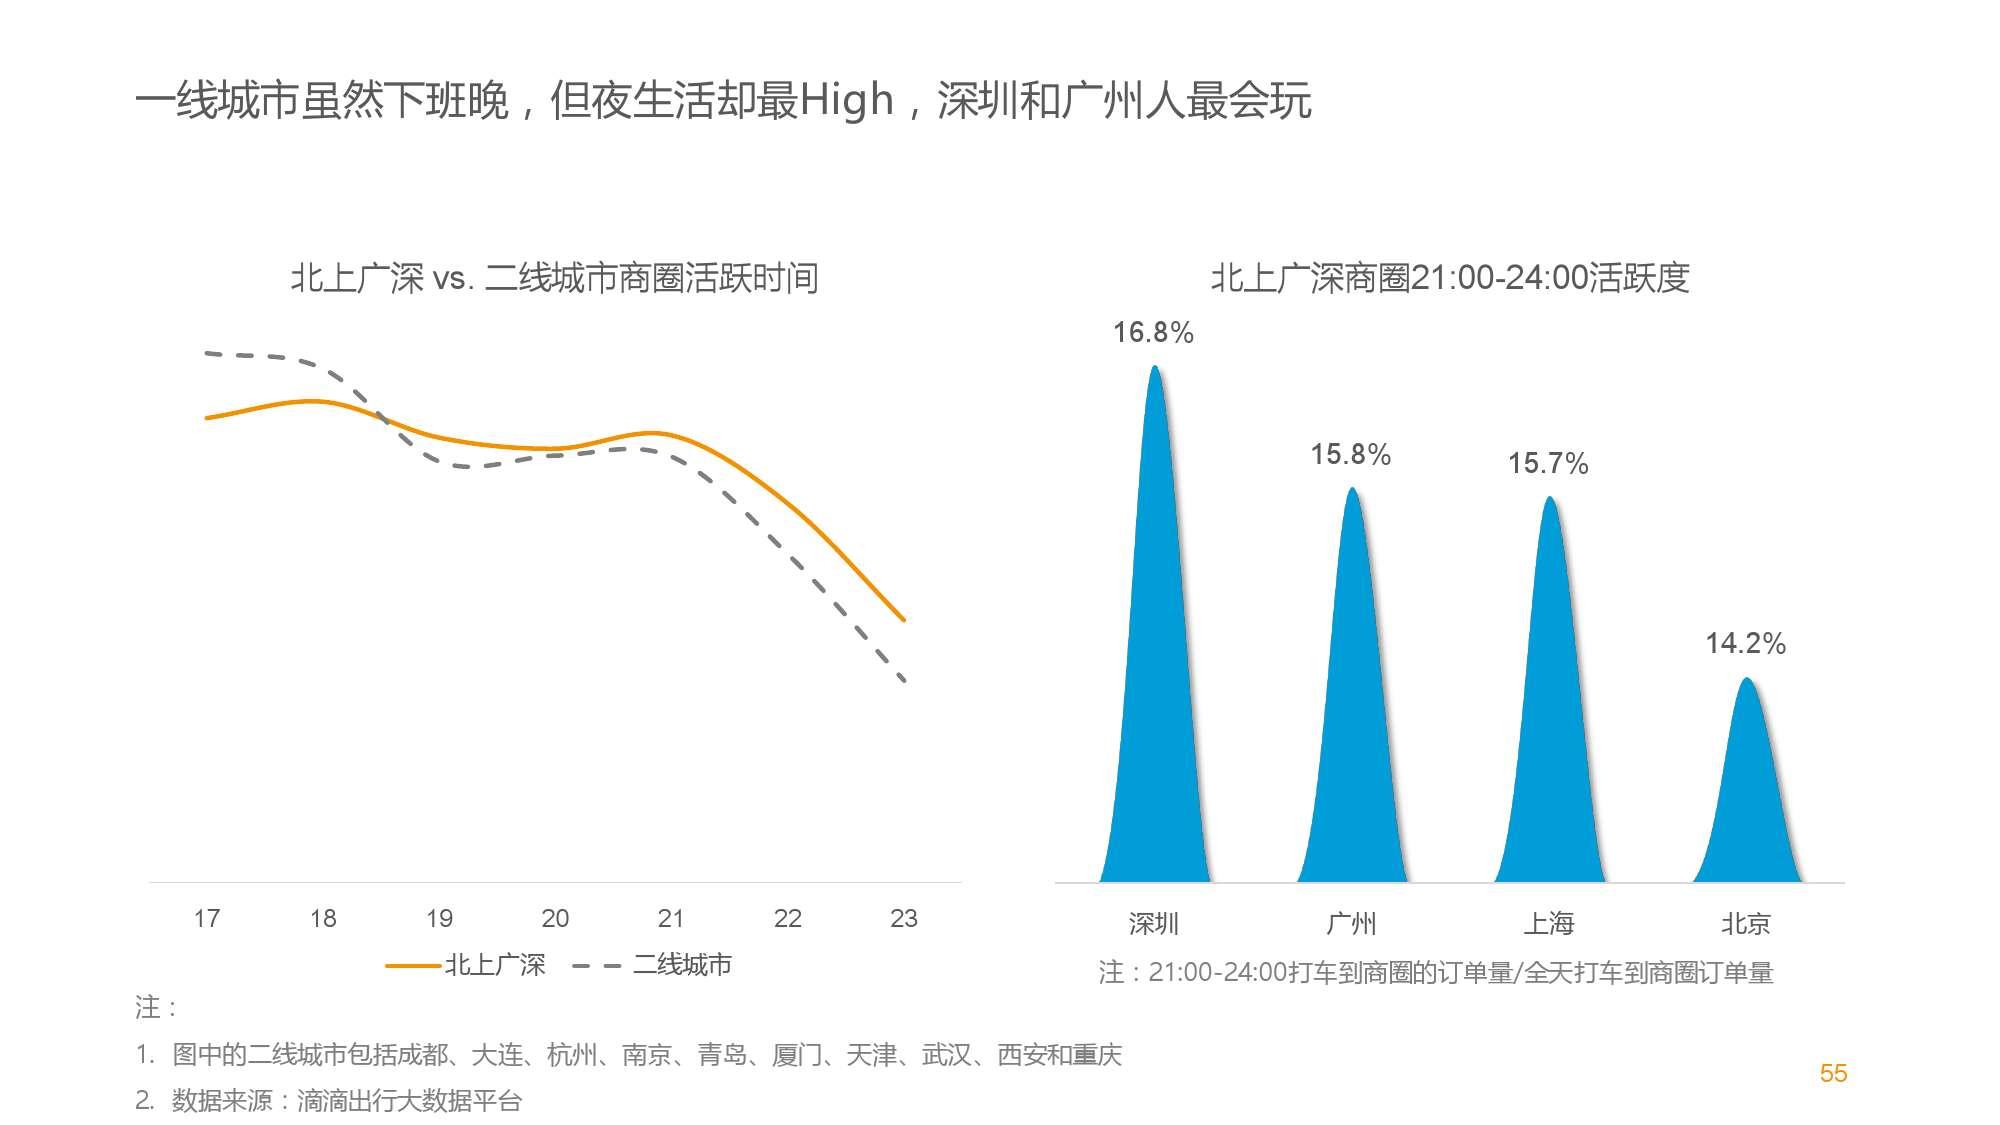 中国智能出行2015大数据报告_000055